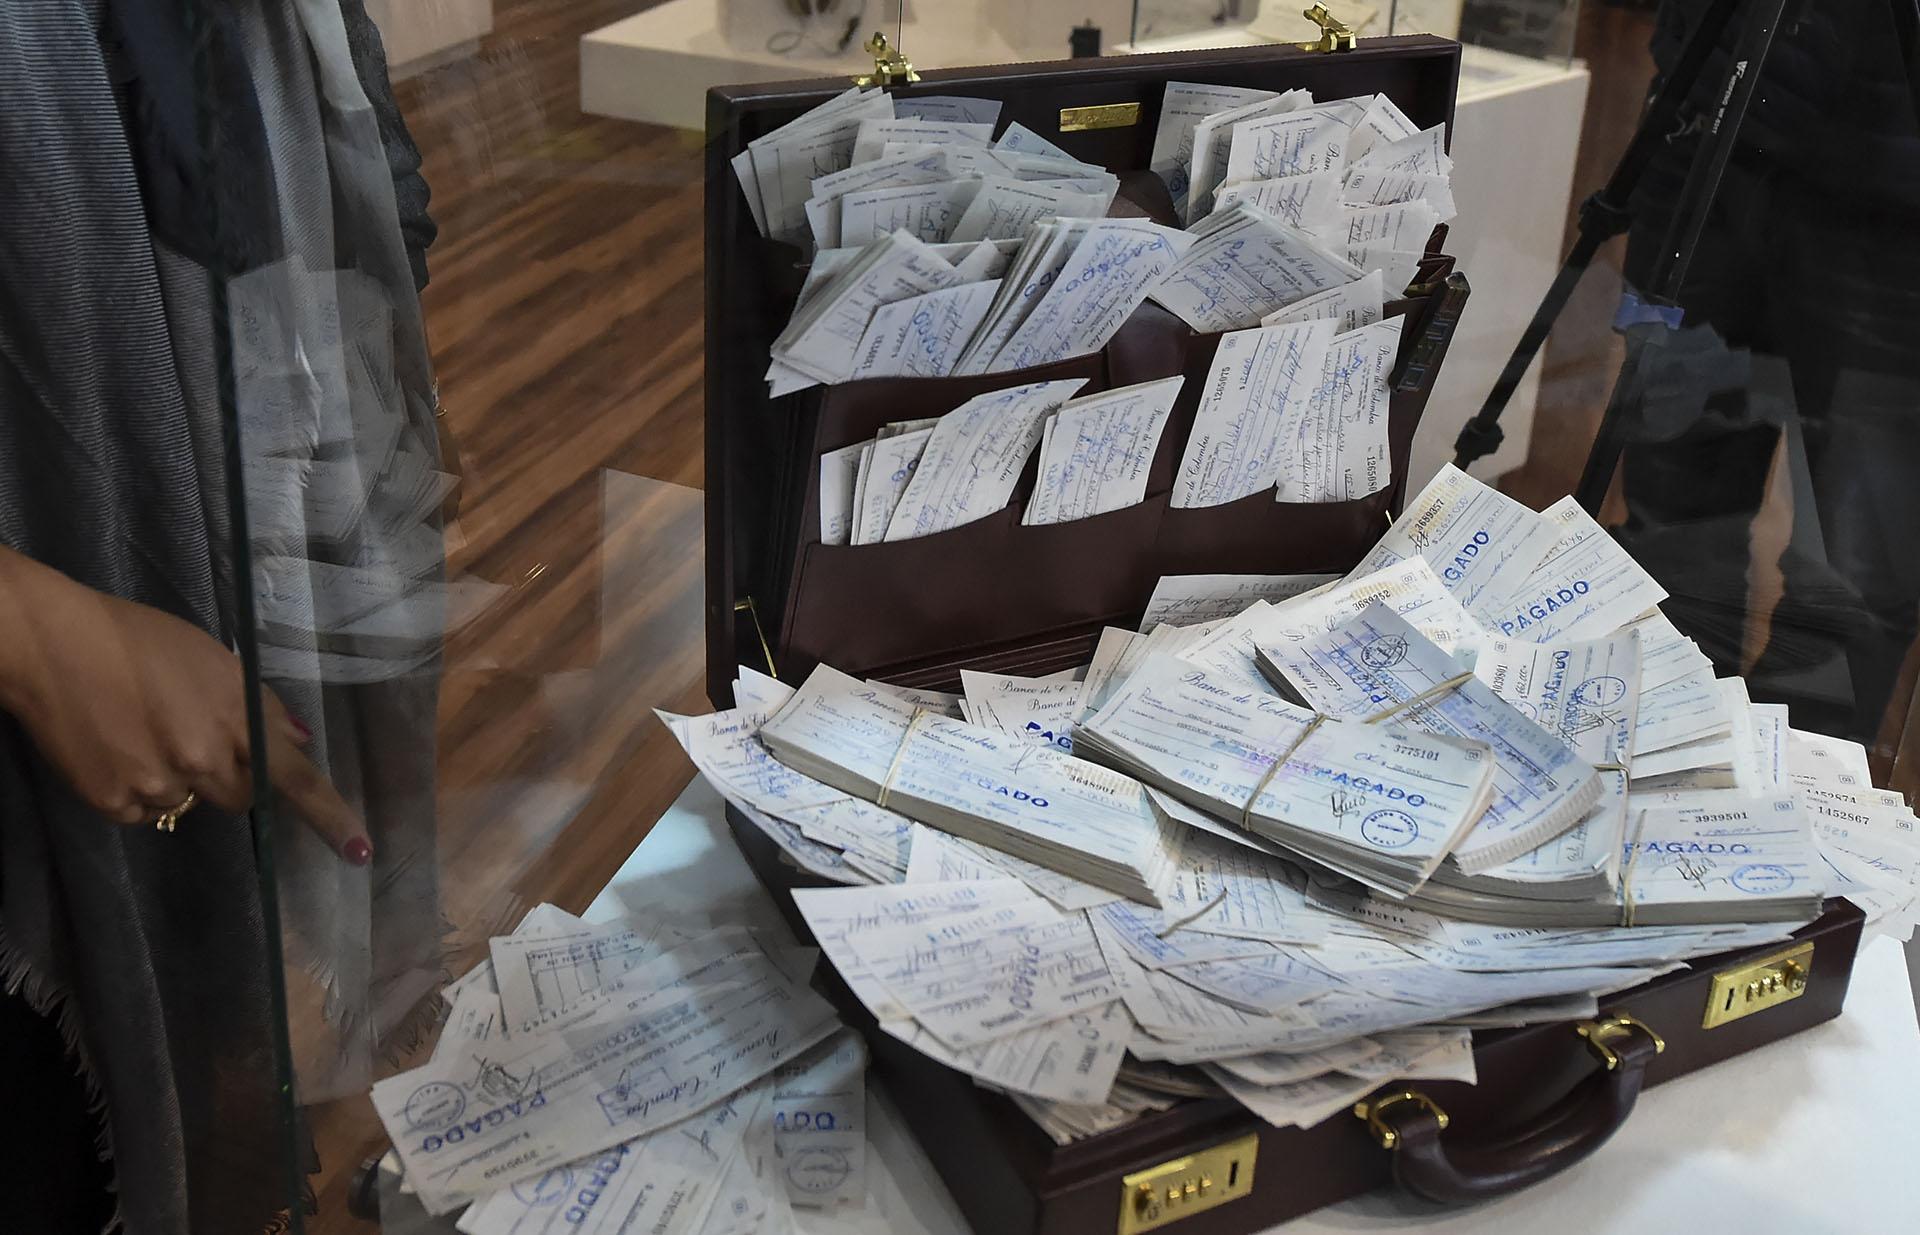 Un maletín repleto de cheques perteneciente al ex contador del cártel de Cali, Guillermo Pallomari, secuestrado el 4 de julio de 1994 en la operación proceso 8.000. En él pueden verse pagos a políticos y funcionarios por parte de los capos narcos (AFP)